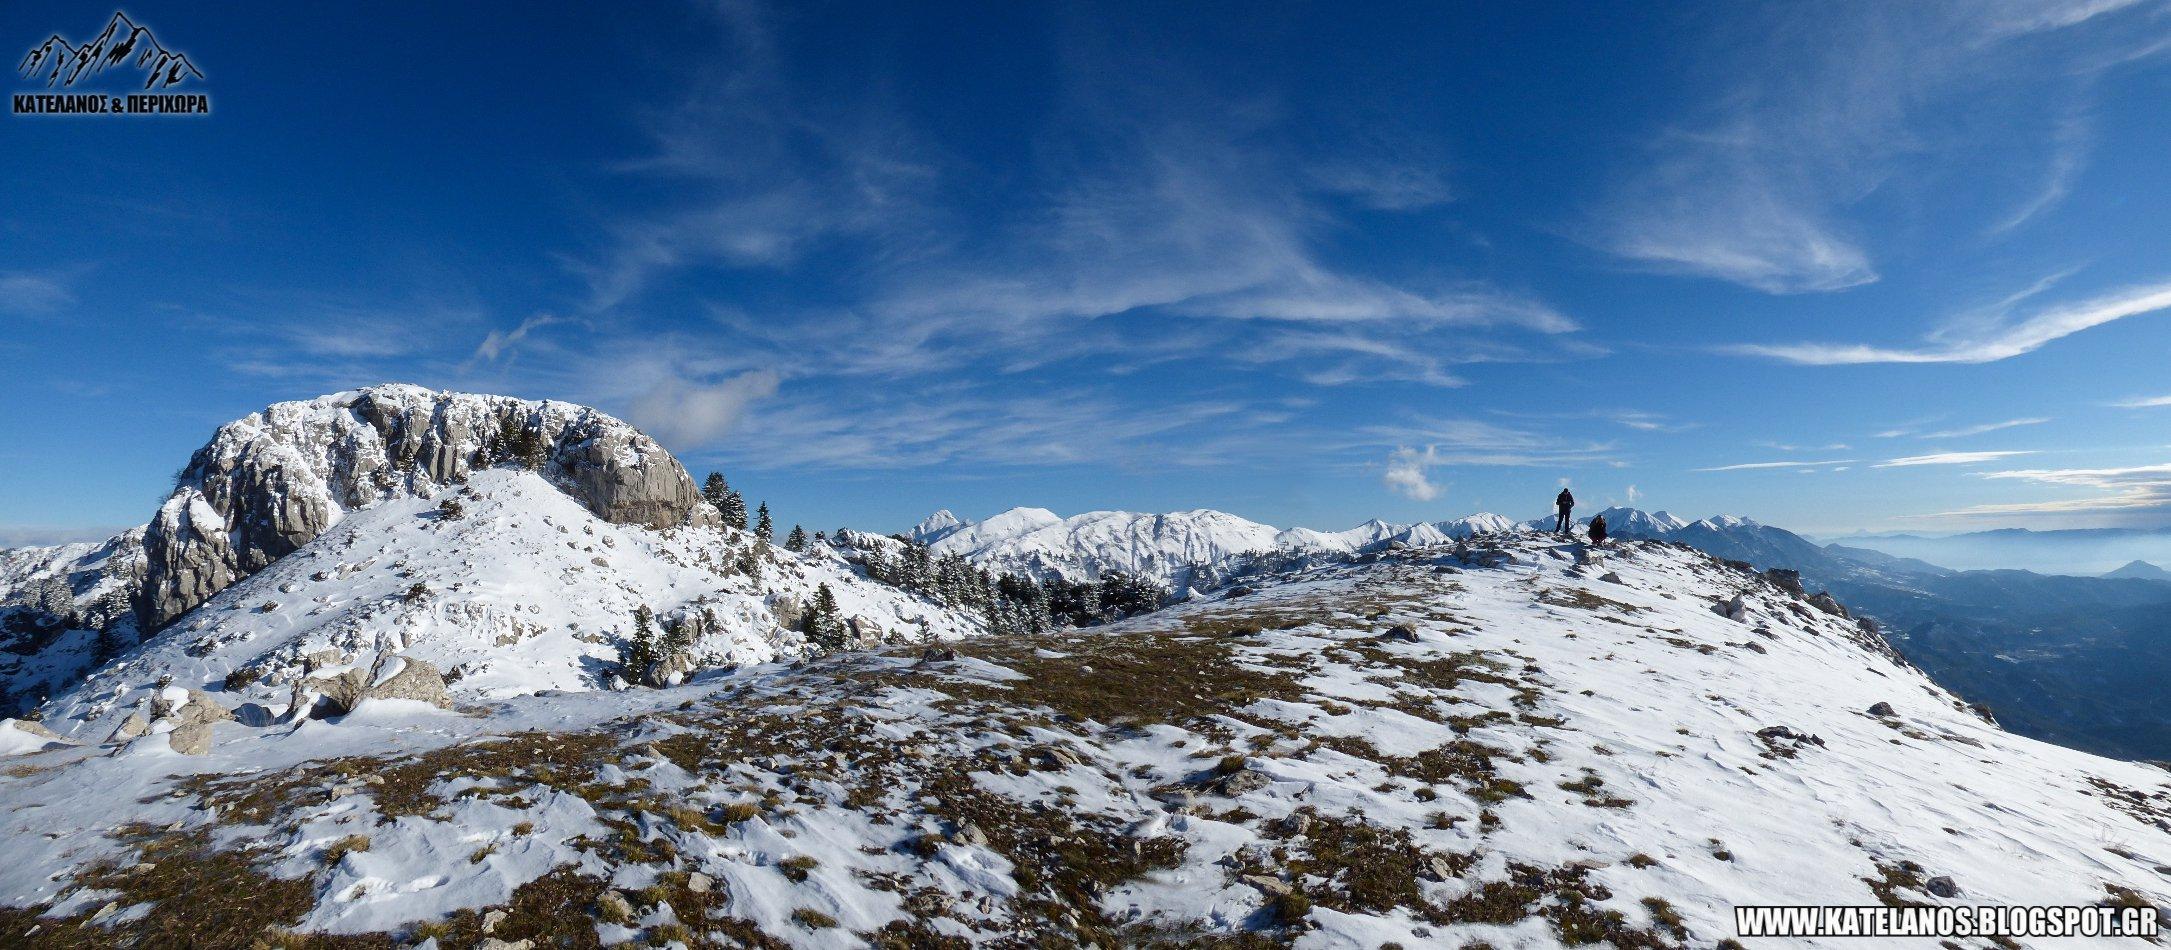 ανω αγιος βλασιος αιτωλοακαρνανιας βουνα χιονια προφητης ηλιας